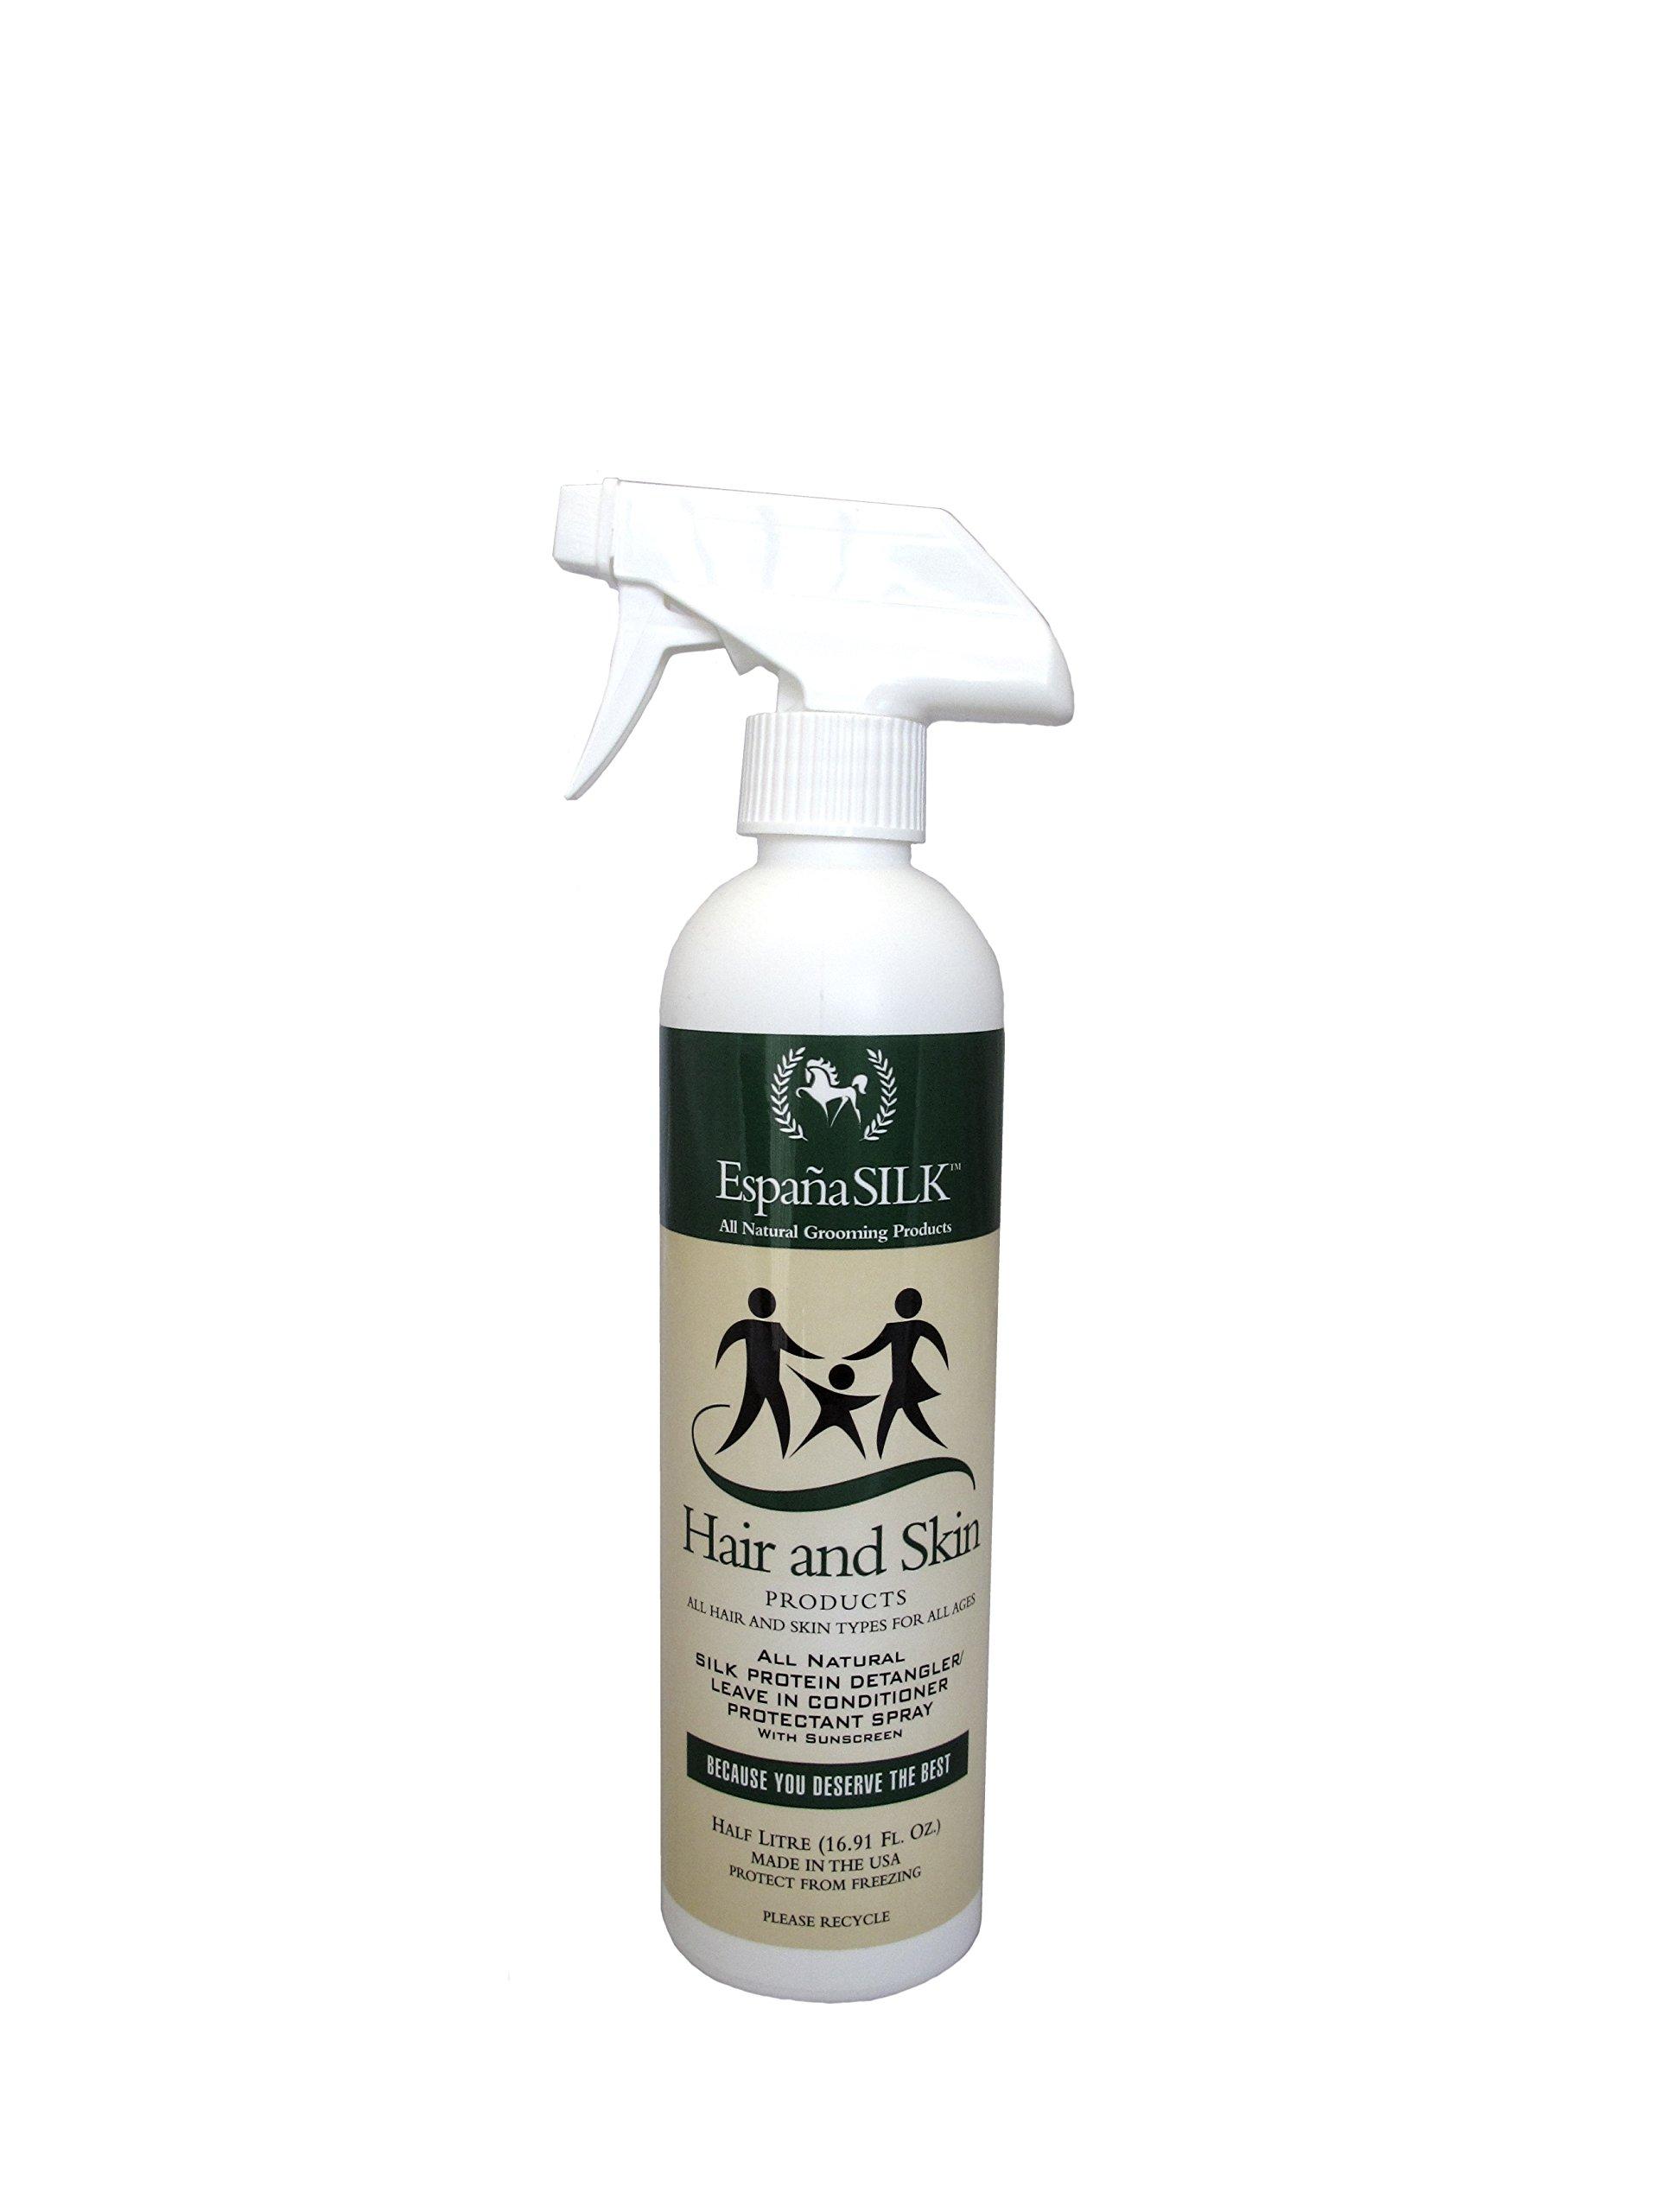 Espana Silk ESP1115P 16.91 oz Protein Detangler Protectant Spray with Sunscreen, 0.5 L